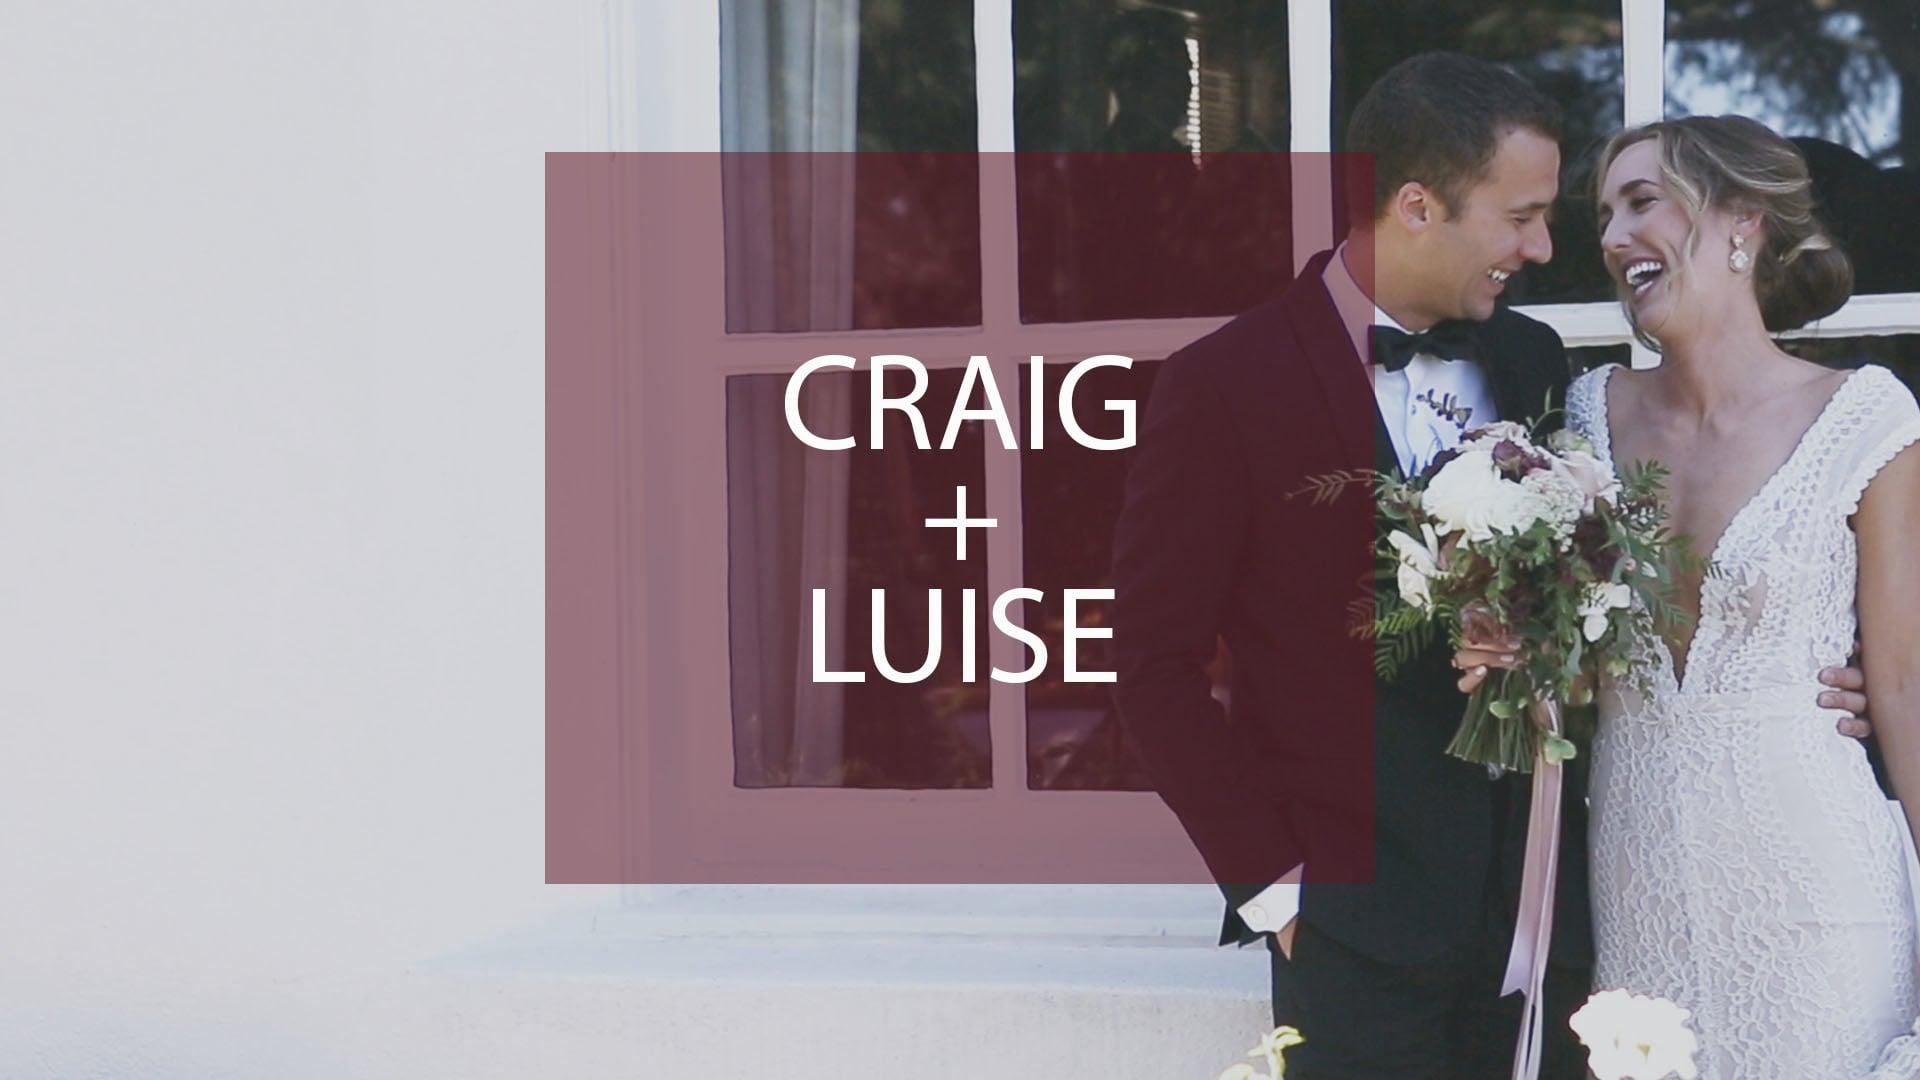 Craig + Luise